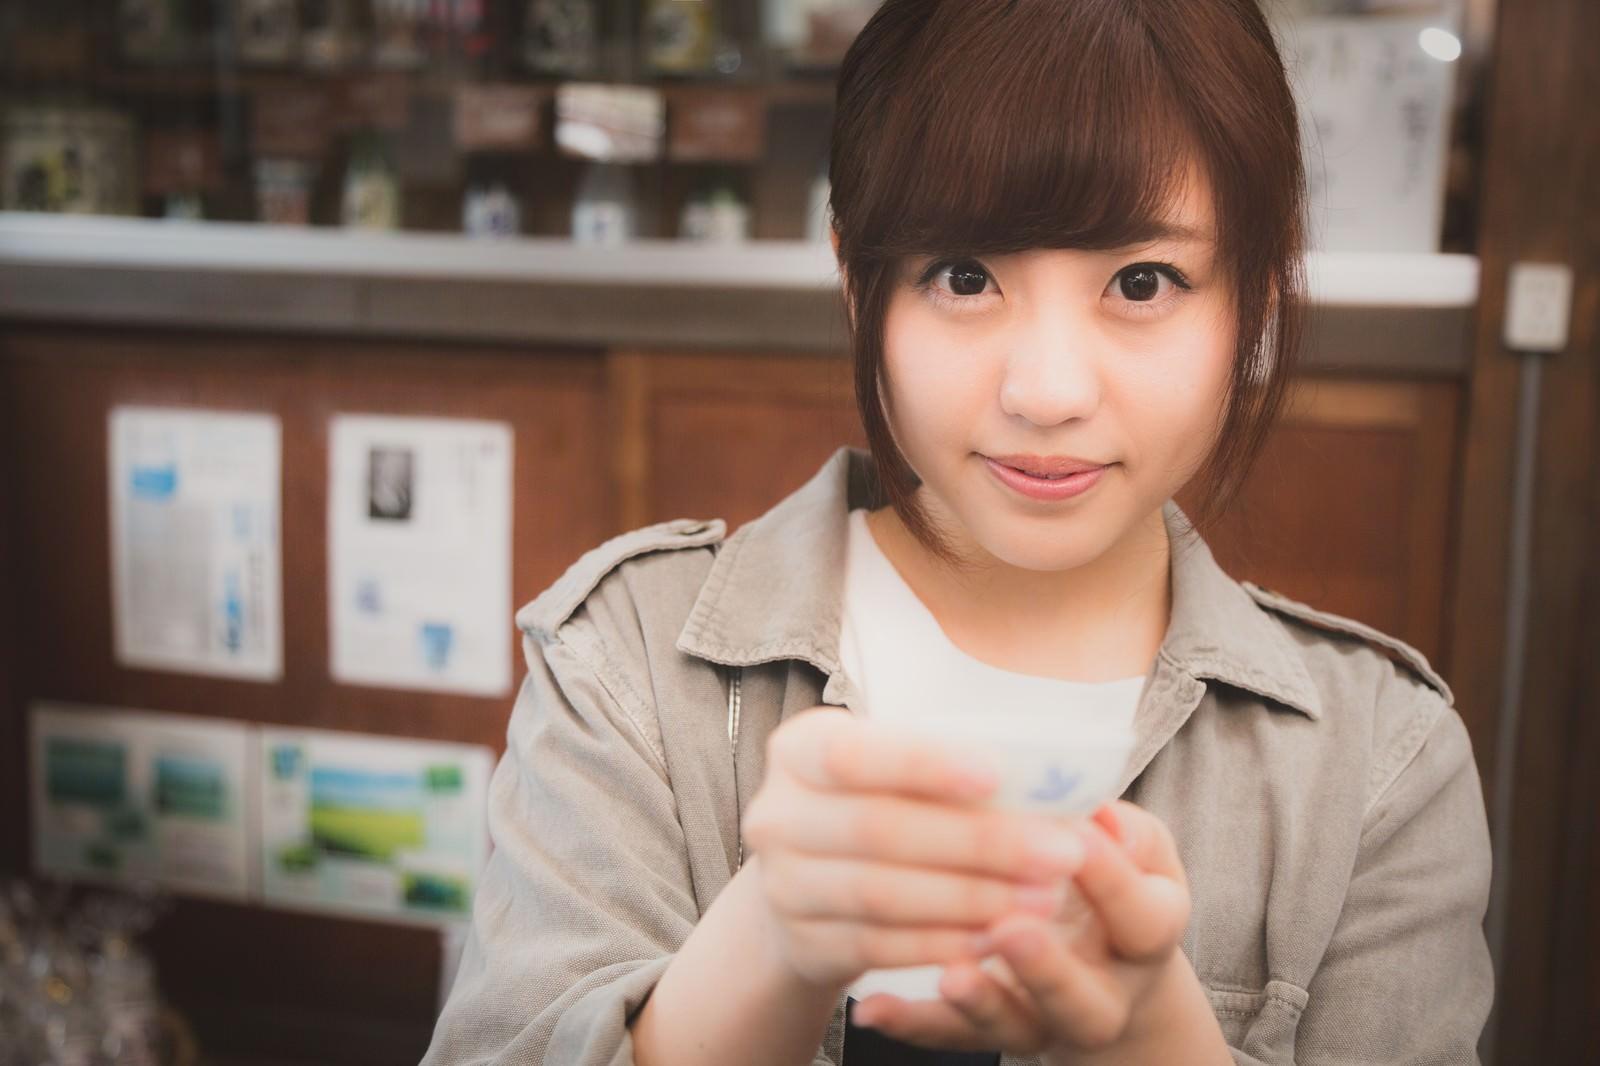 「試飲を勧める日本酒好きの女の子」の写真[モデル:河村友歌]